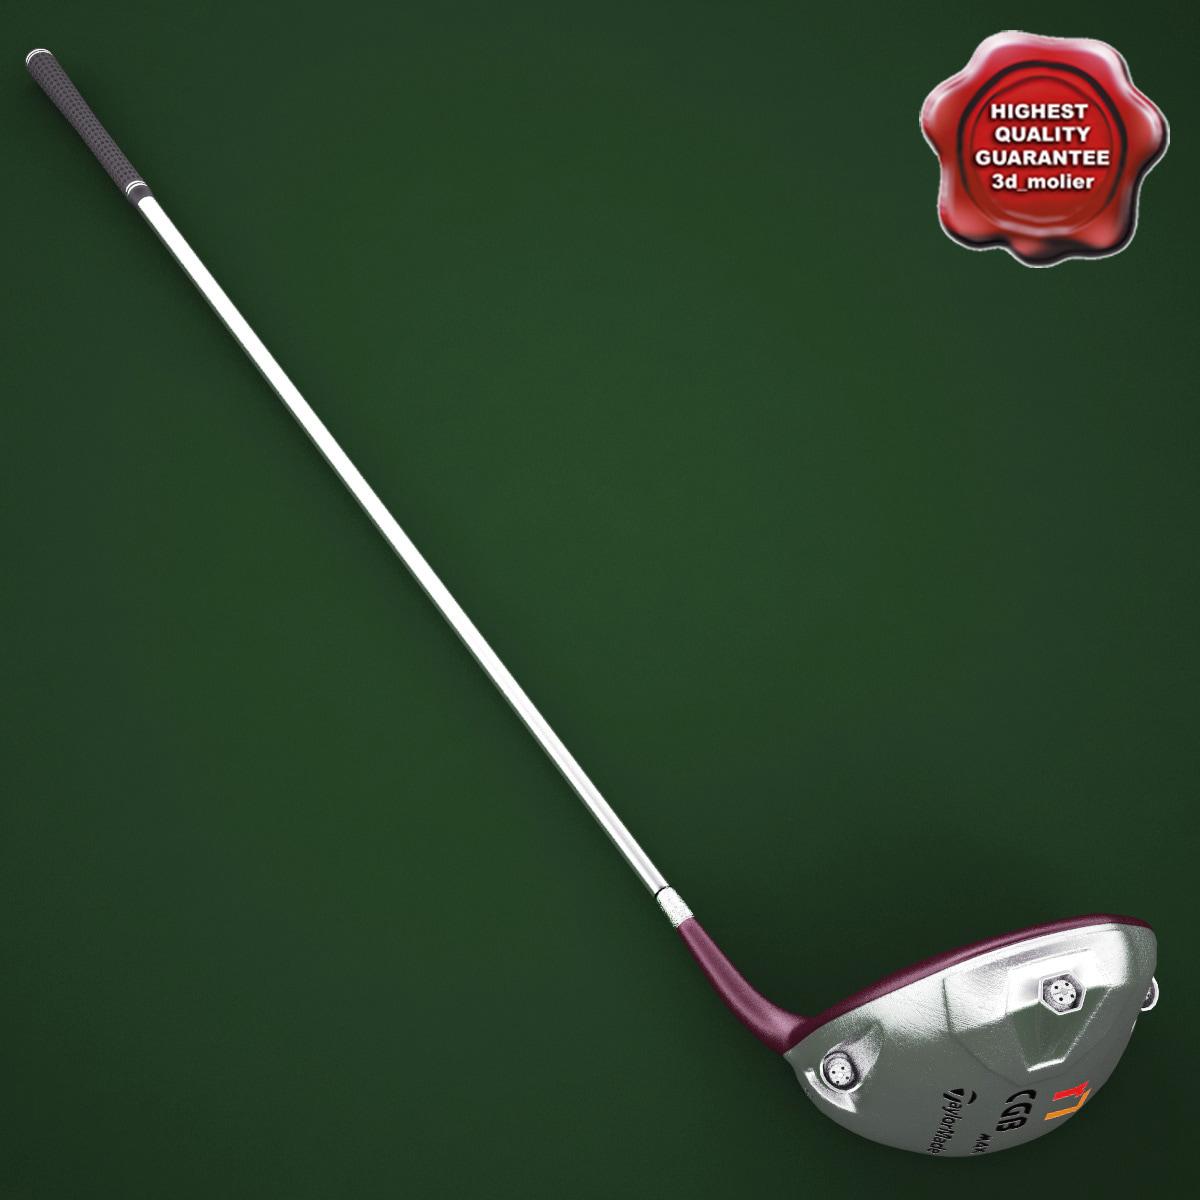 Golf_Stick_TaylorMade_R7_CGB_Max_00.jpg